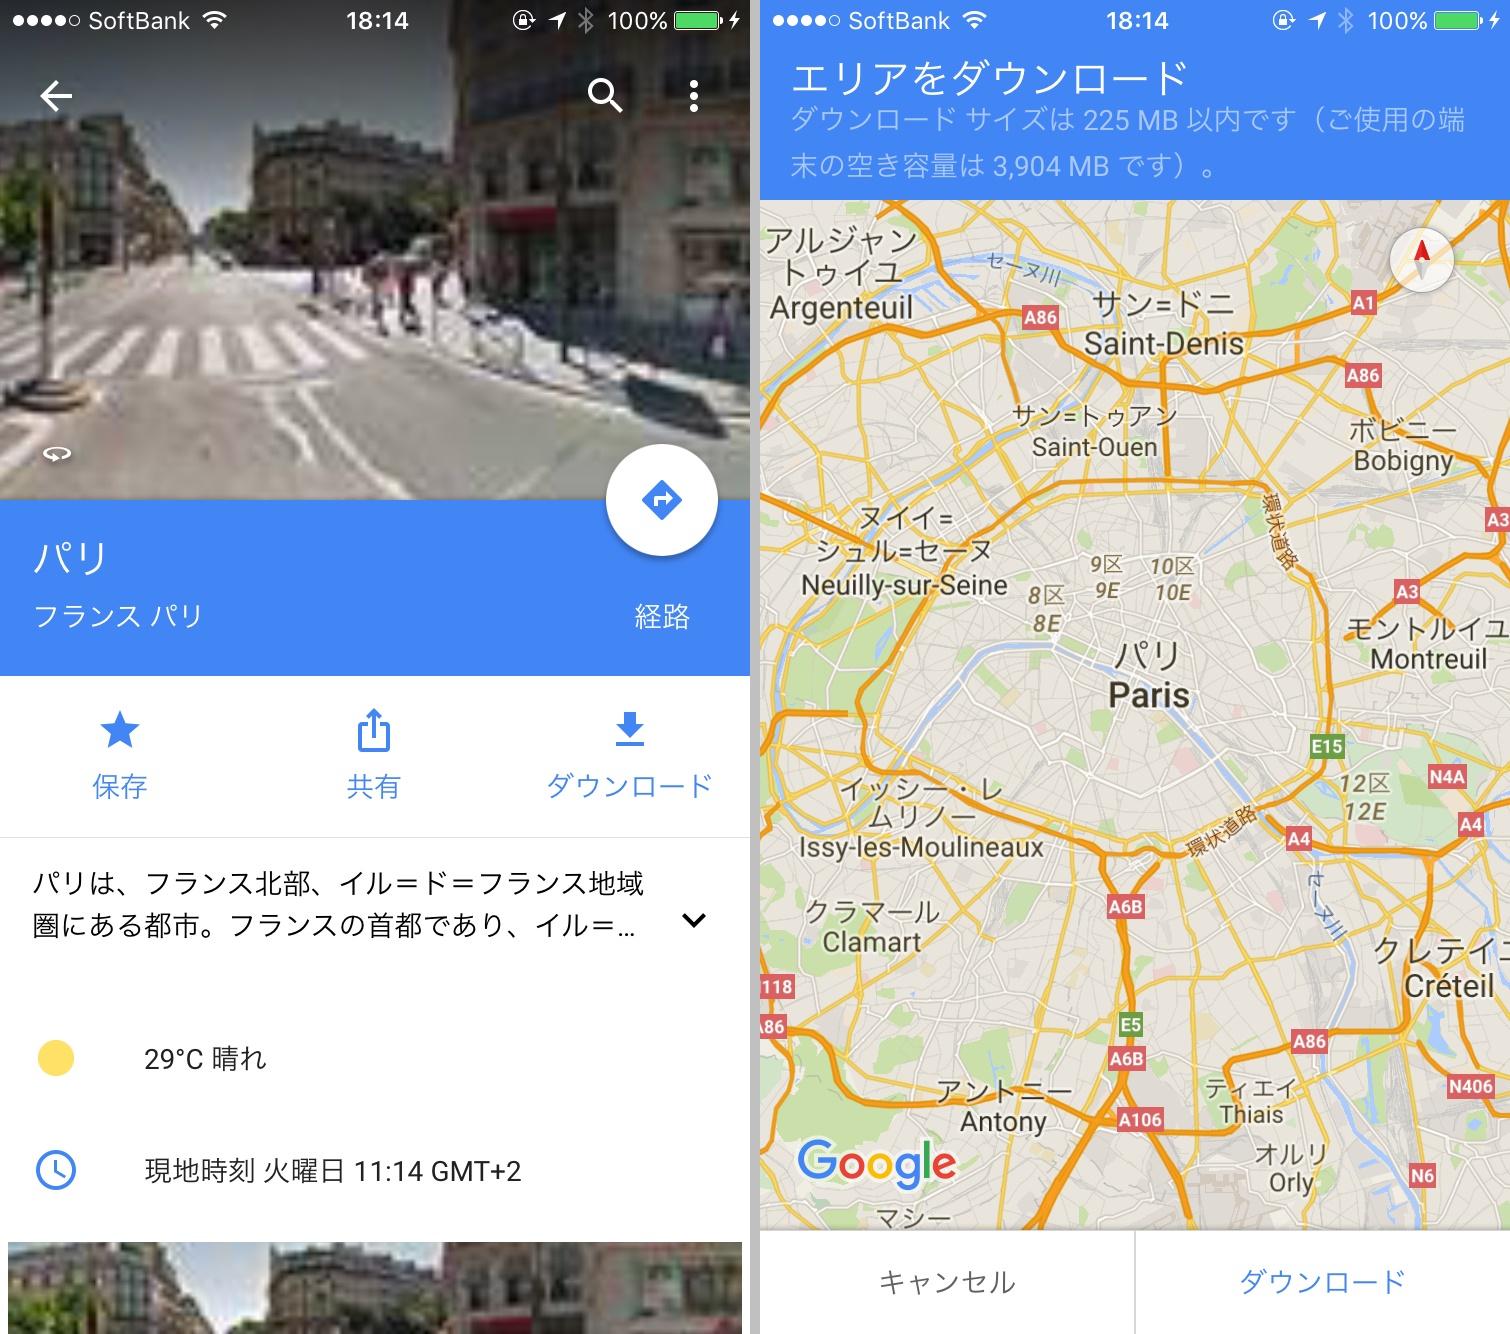 地図 グーグル マップ